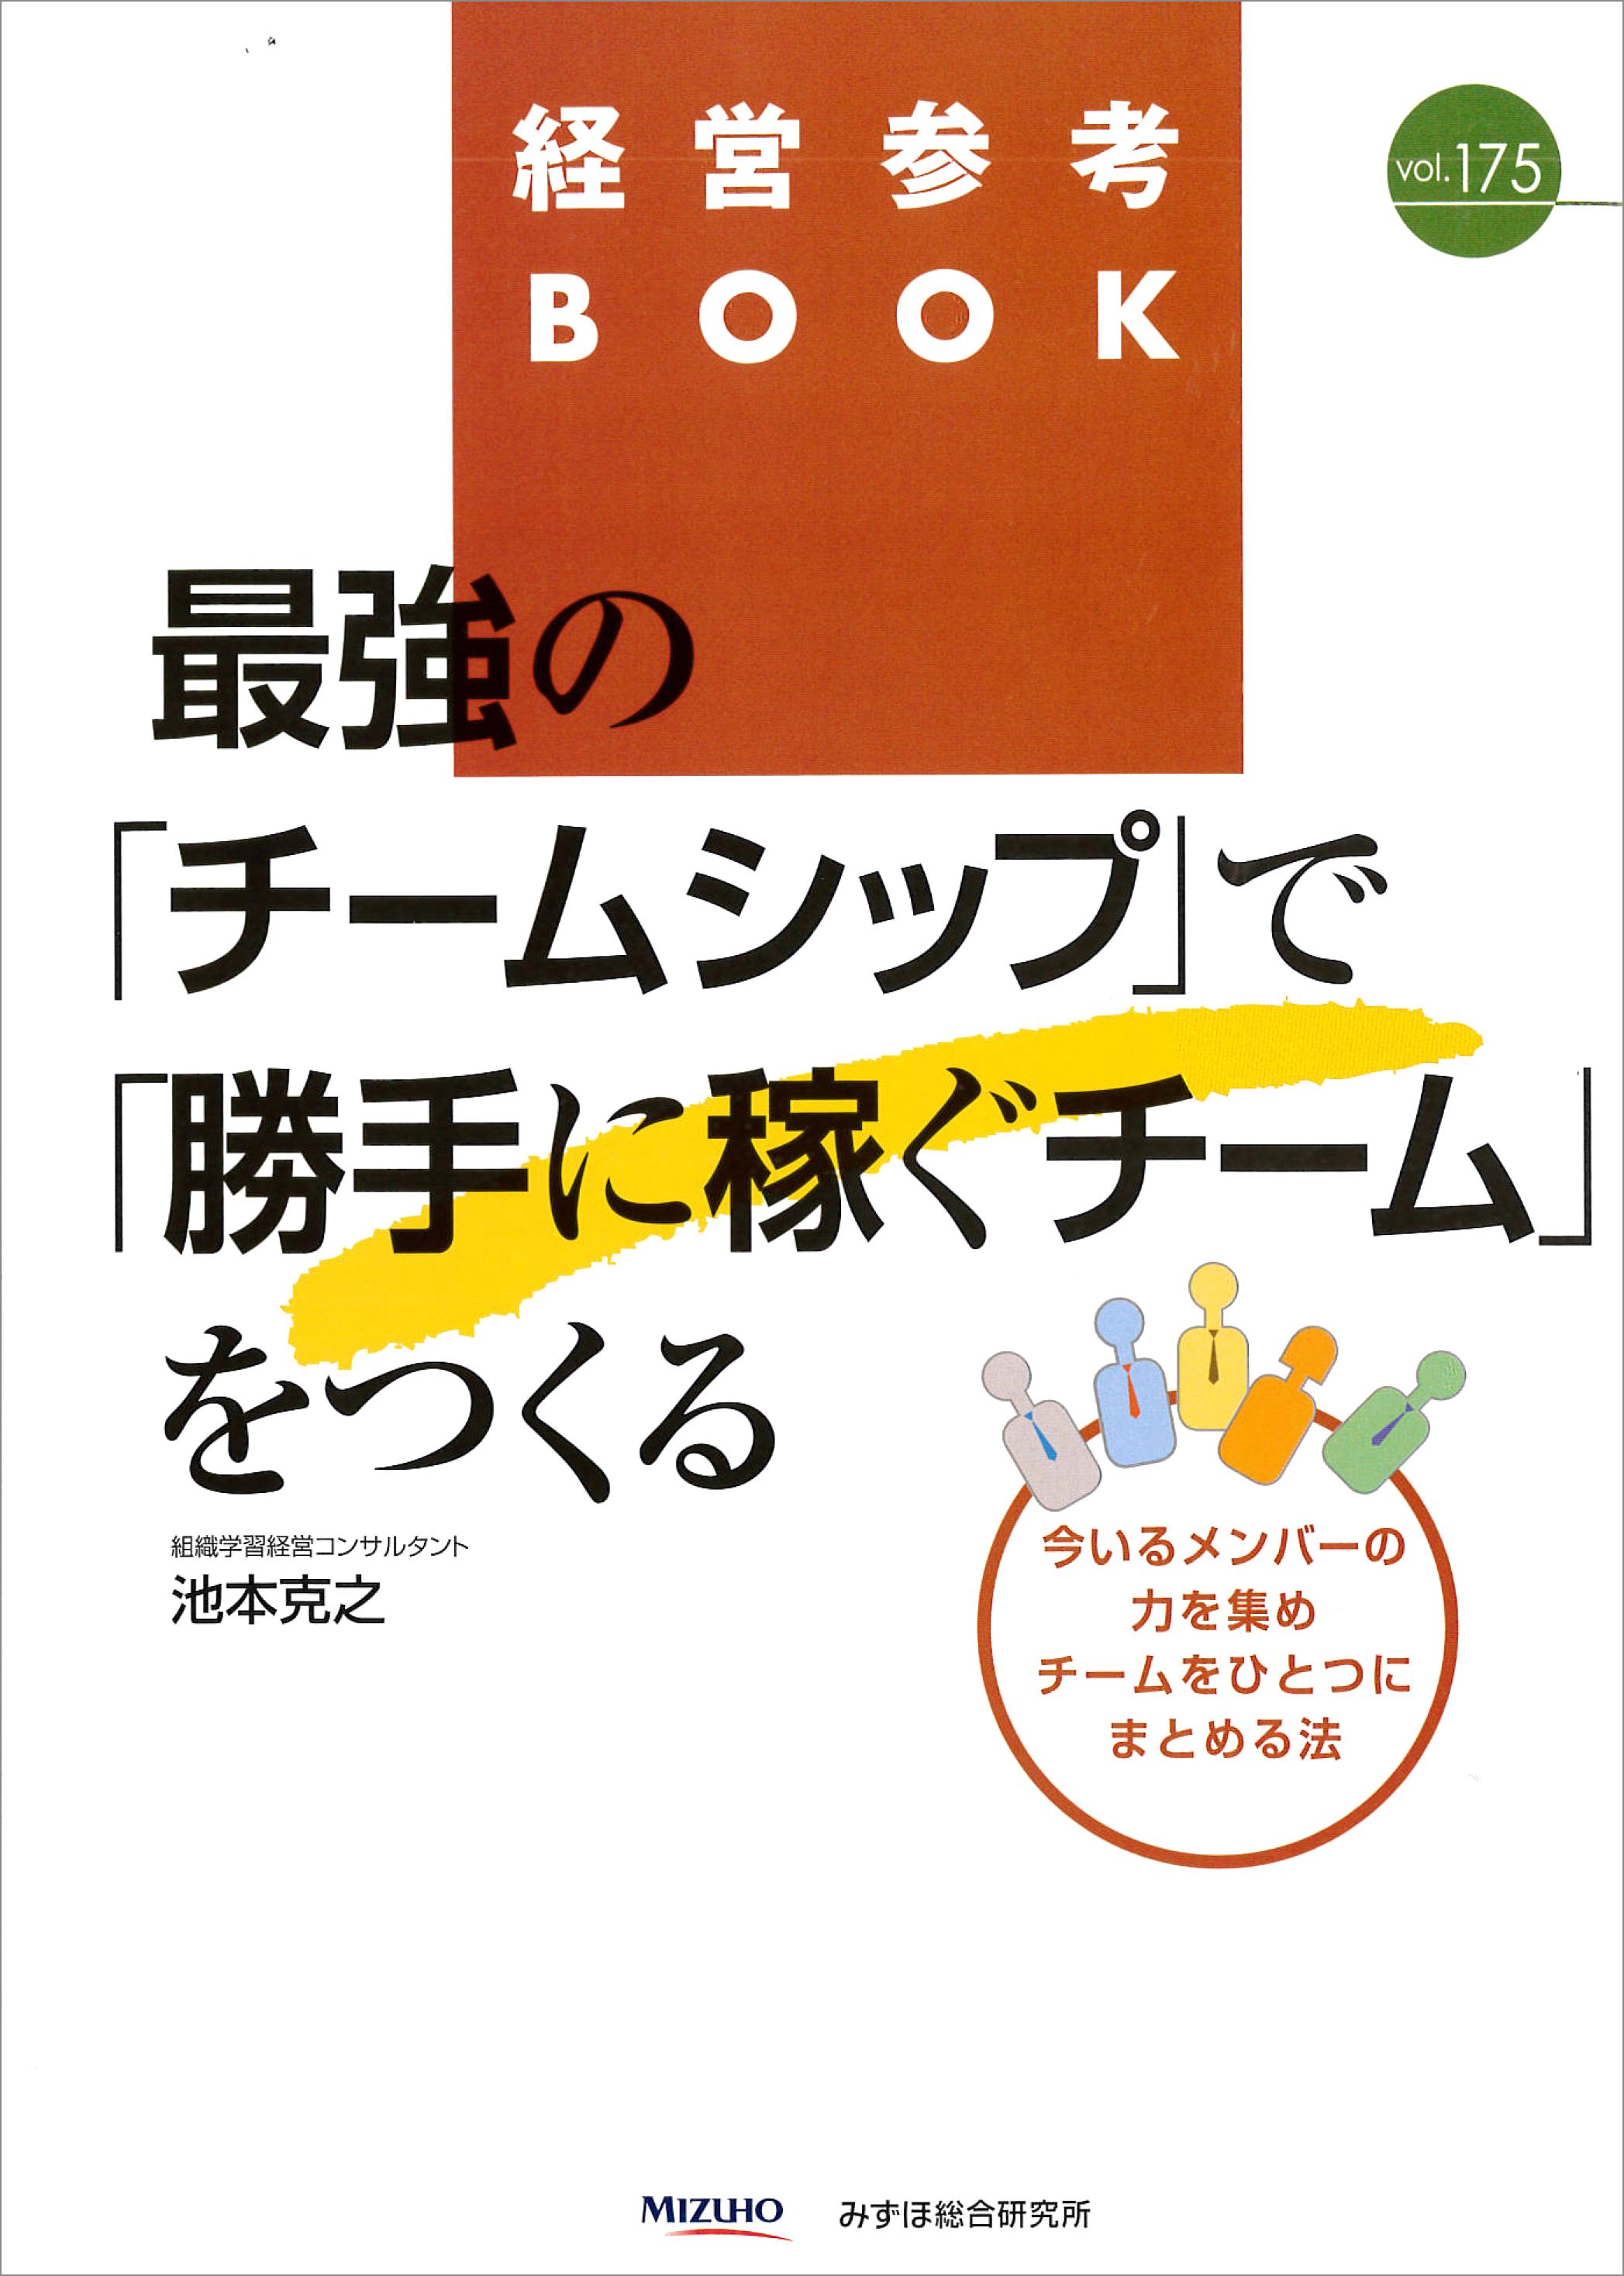 みずほ総合研究所様 経営参考BOOK VOL175 2017年4月1日発行